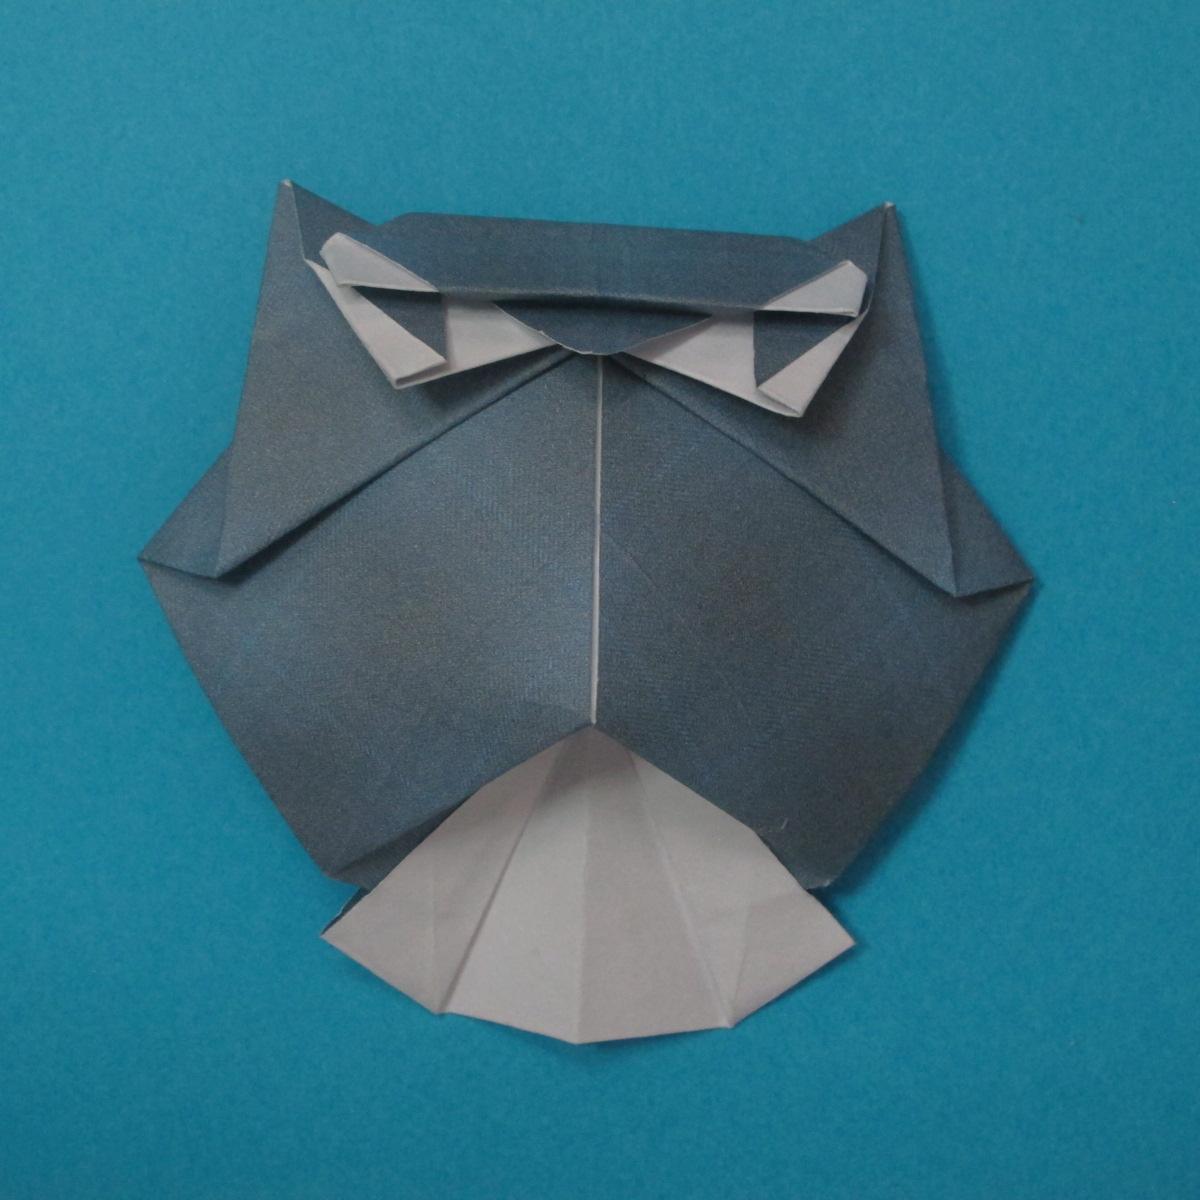 วิธีการพับกระดาษเป็นรูปนกเค้าแมว 038